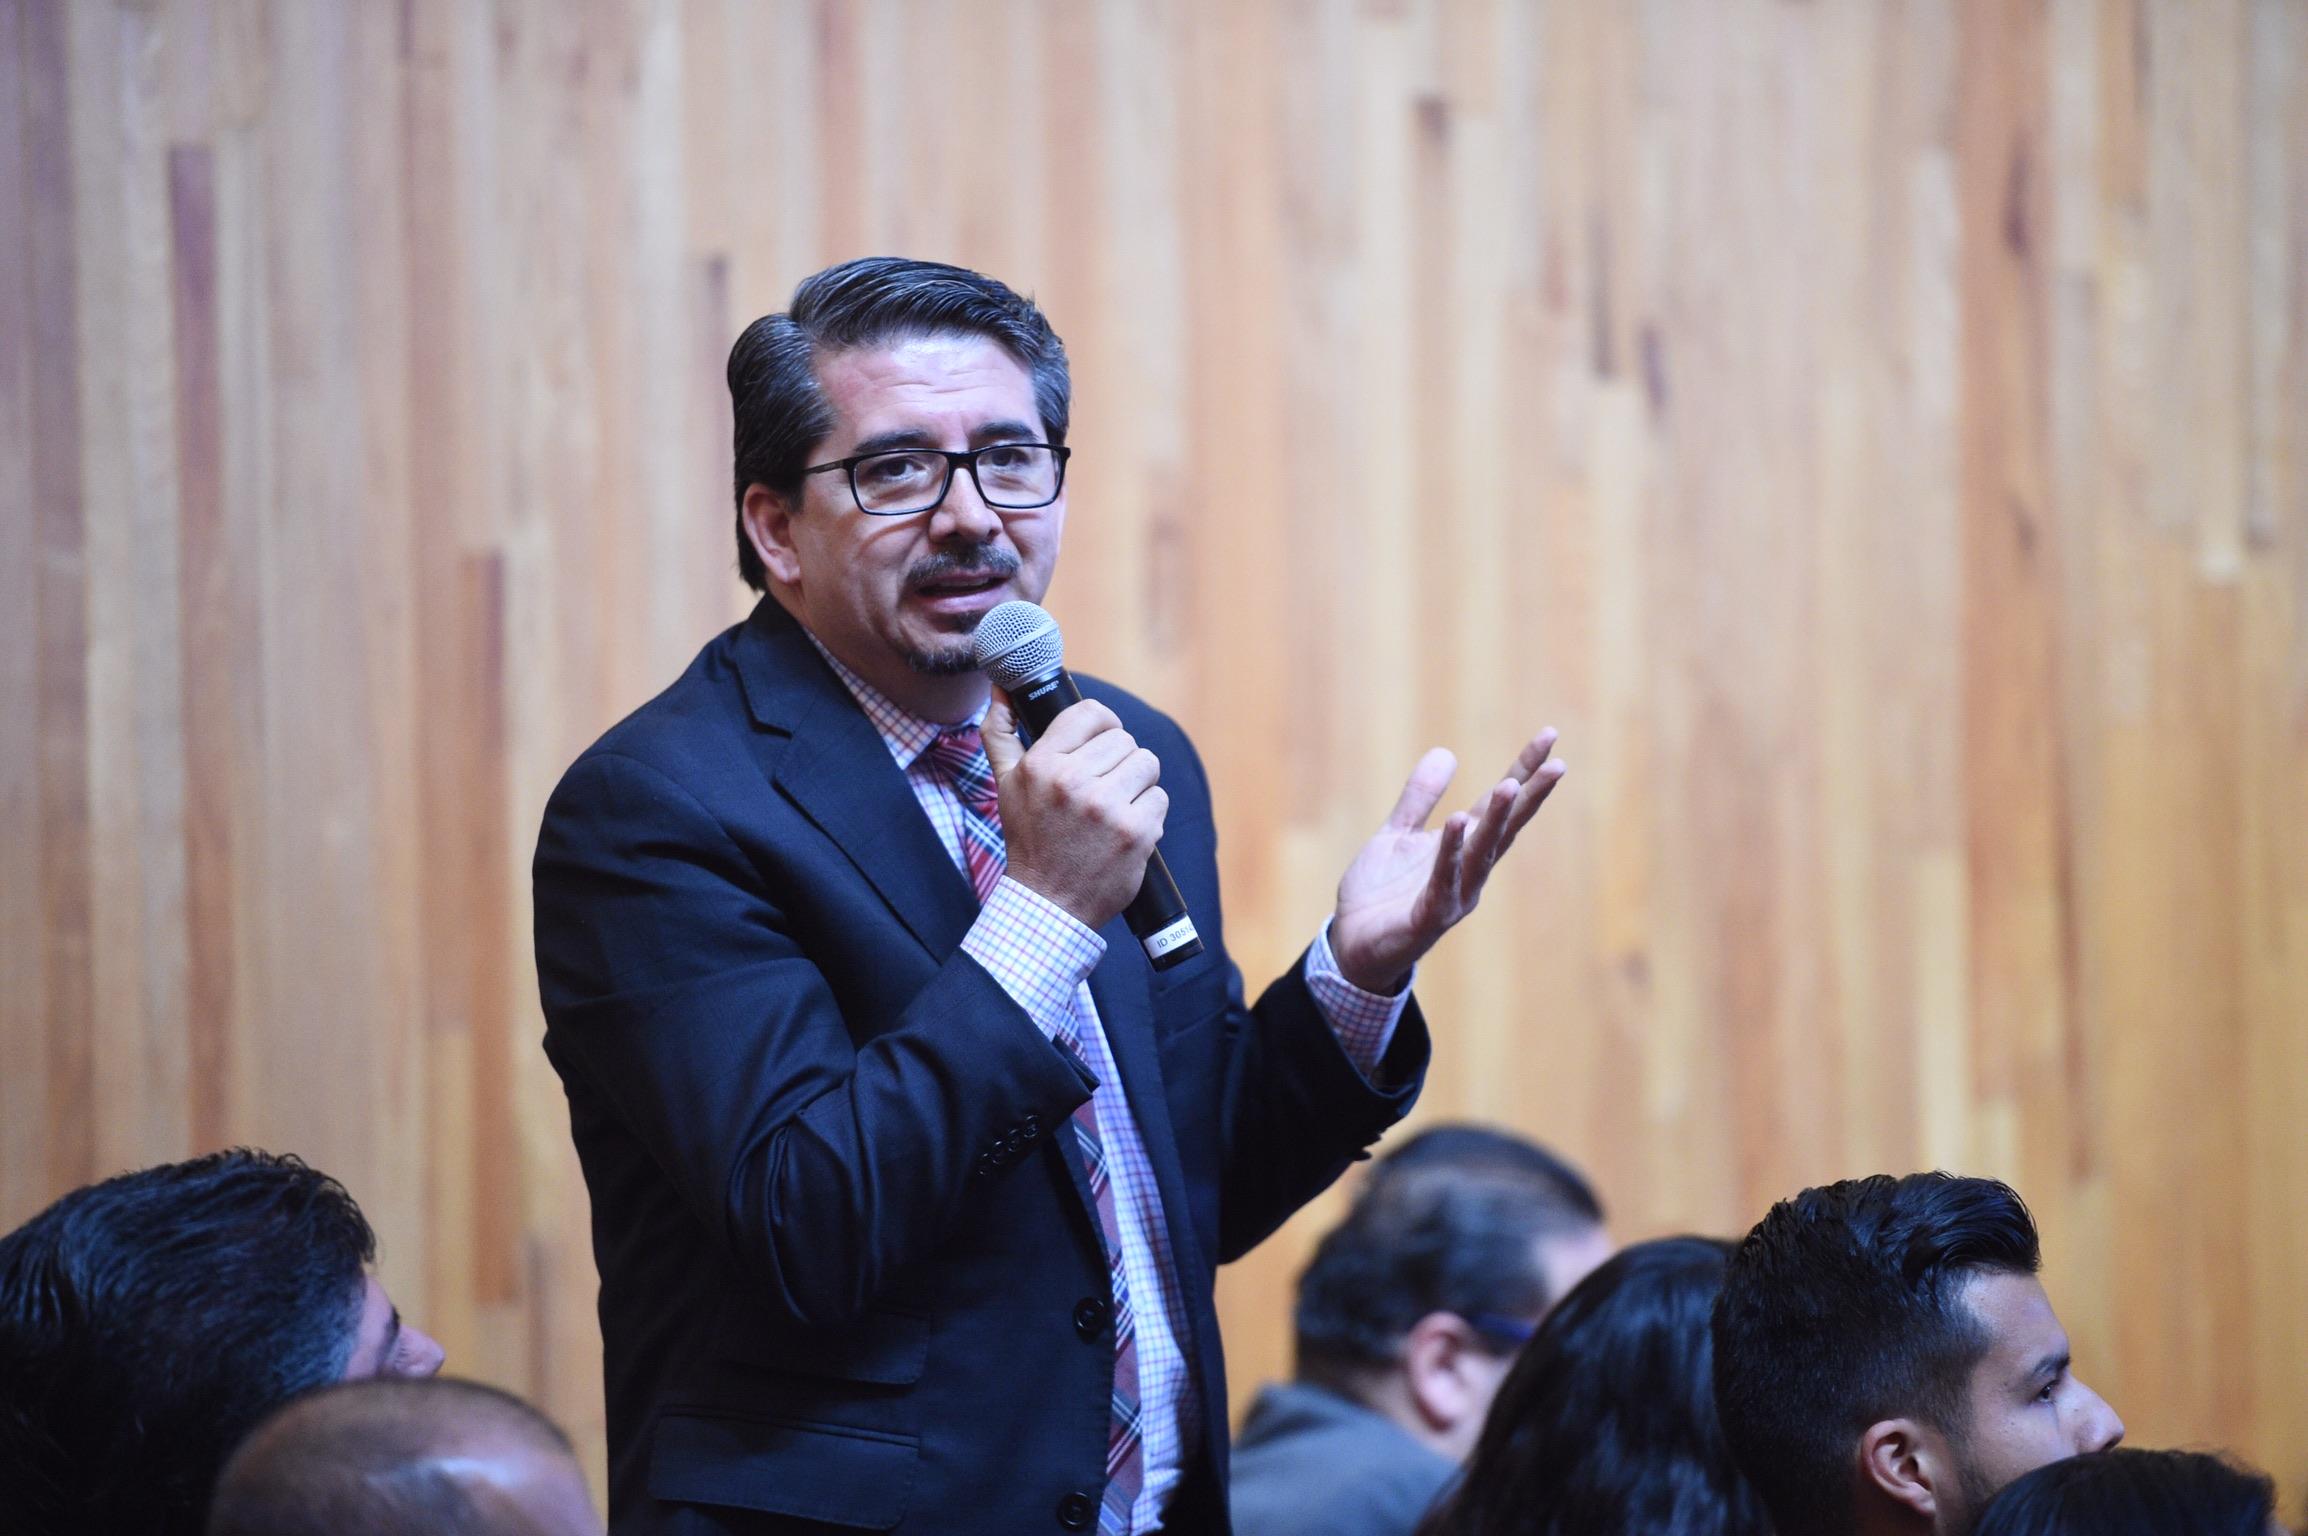 Rector del CUCEA;  como miembro del Consejo General Universitario; con micrófono en mano, haciendo uso de la palabra.